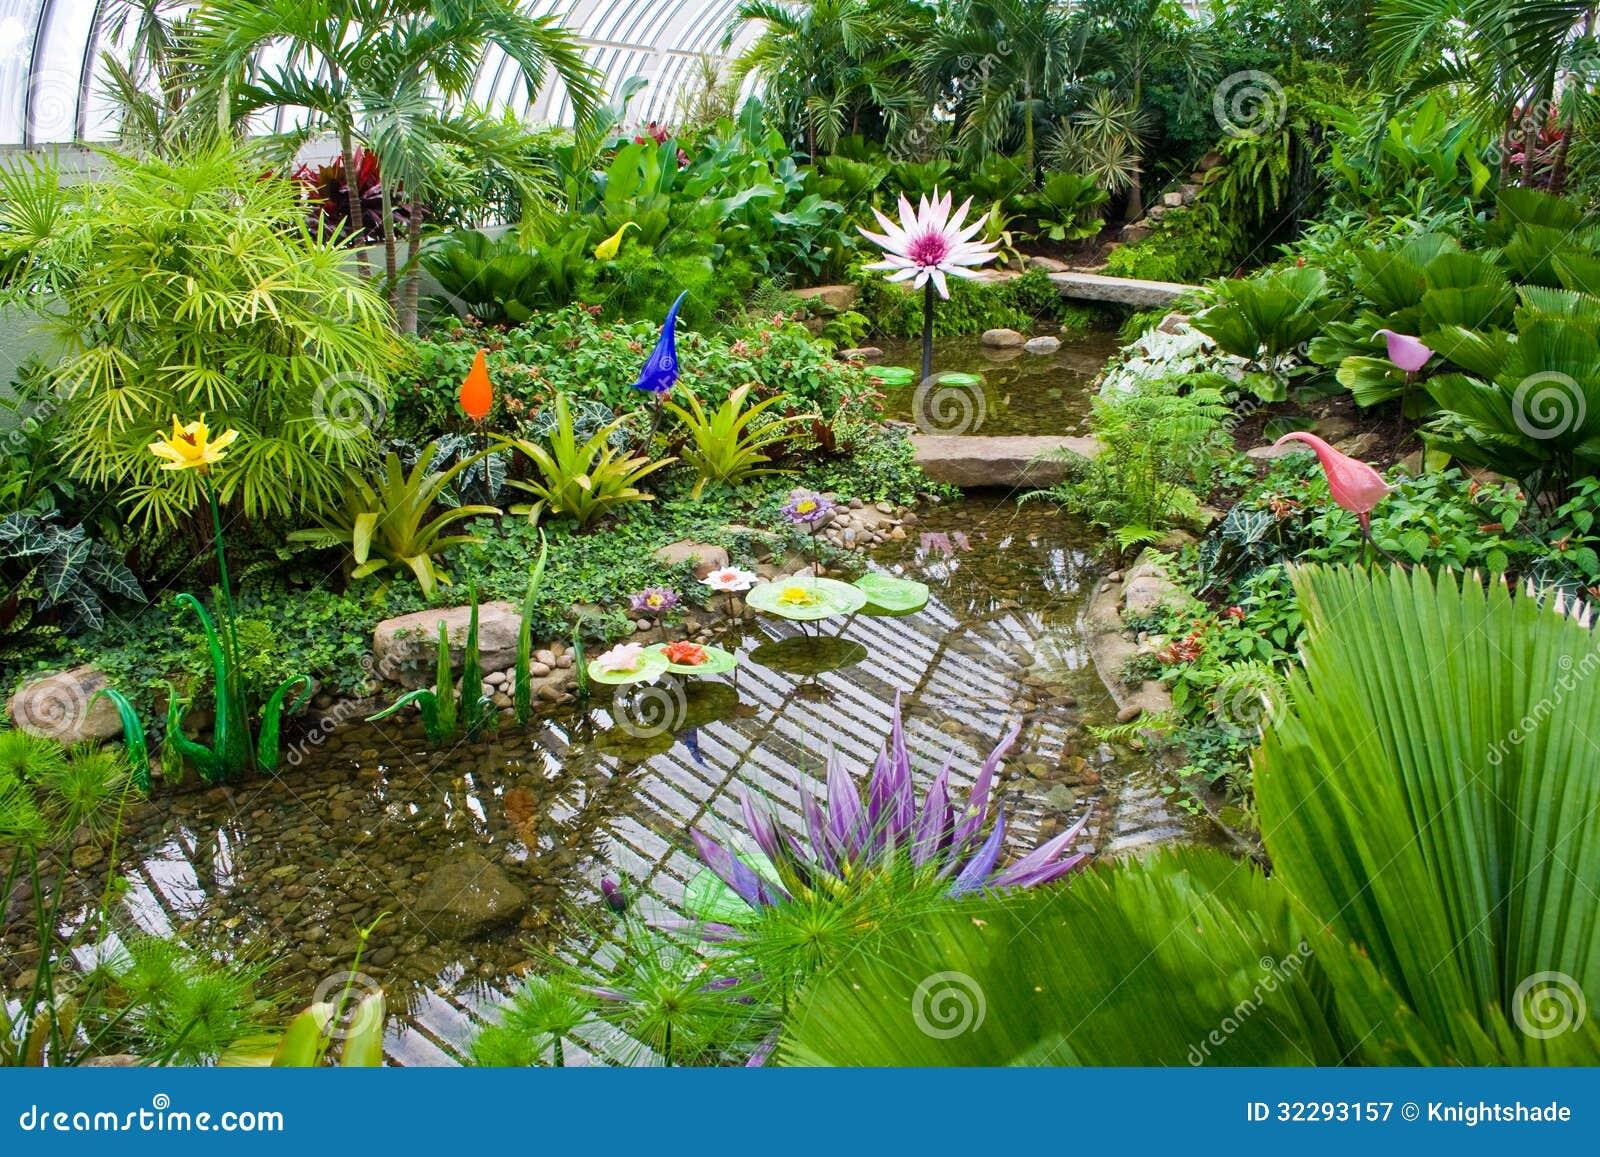 Free stock photo of garden - Royalty Free Stock Photo